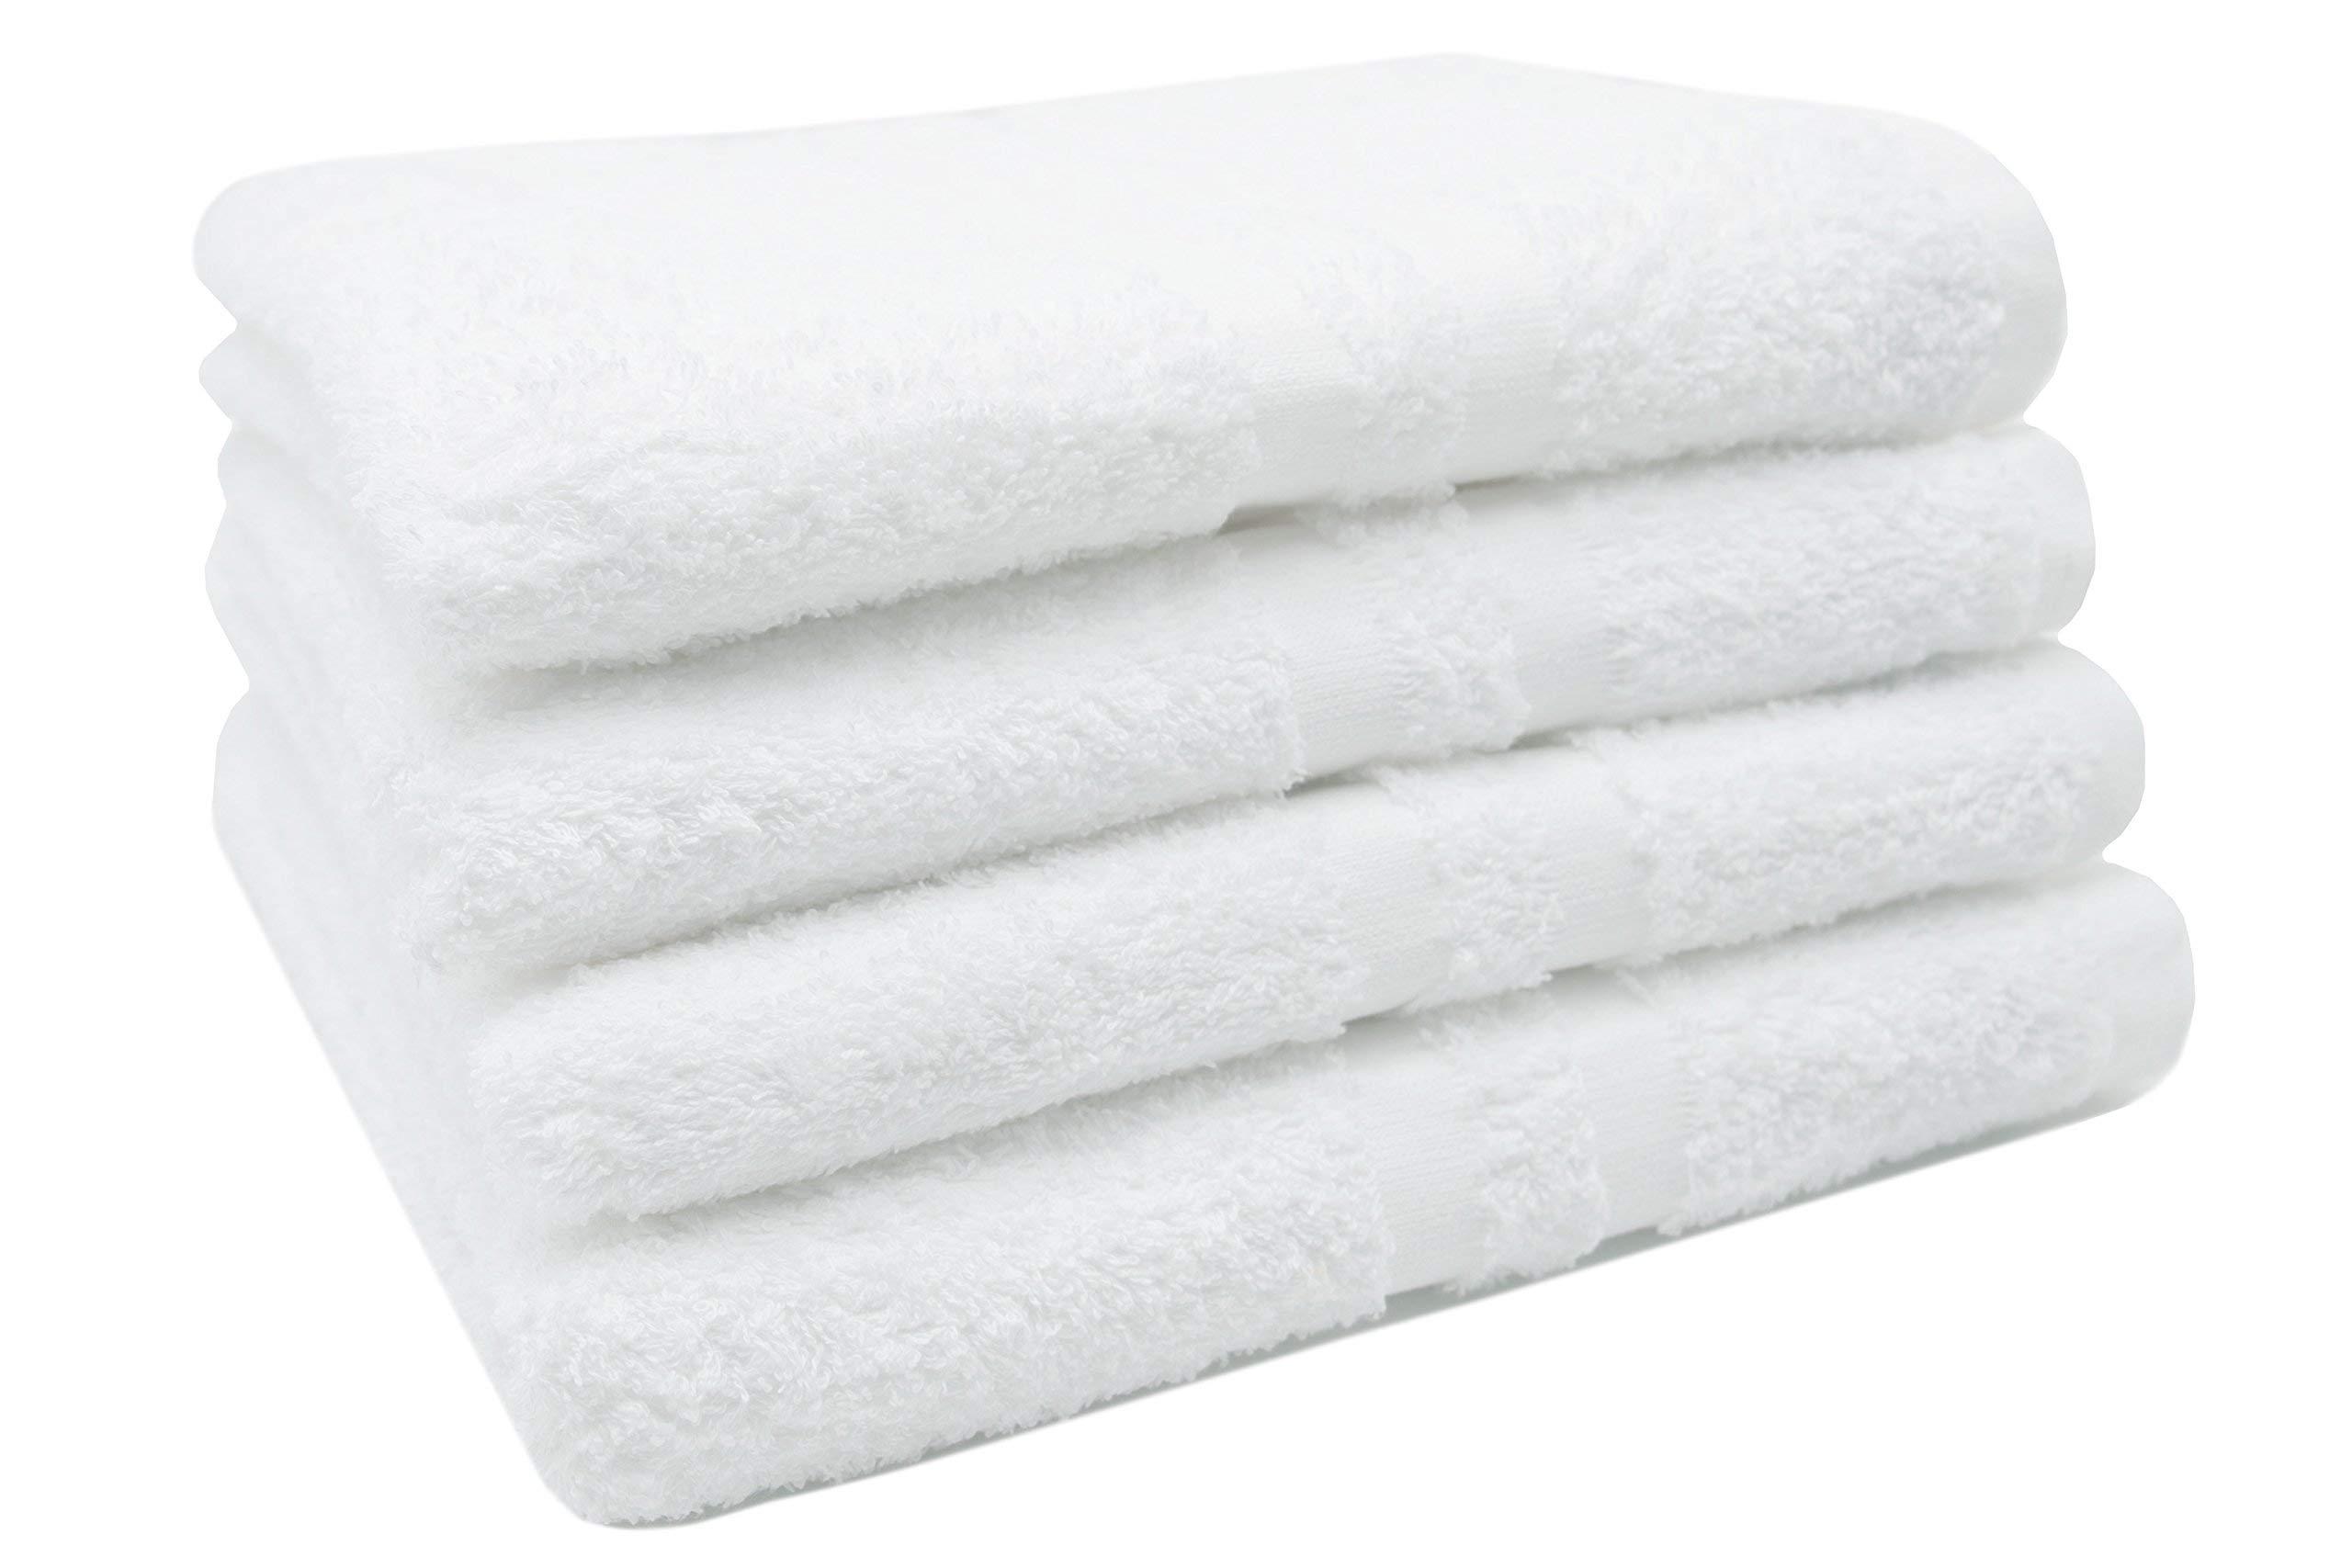 ZOLLNER 4 Toallas de Lavabo Blancas Grandes, algodón 100%, 50x100 cm product image